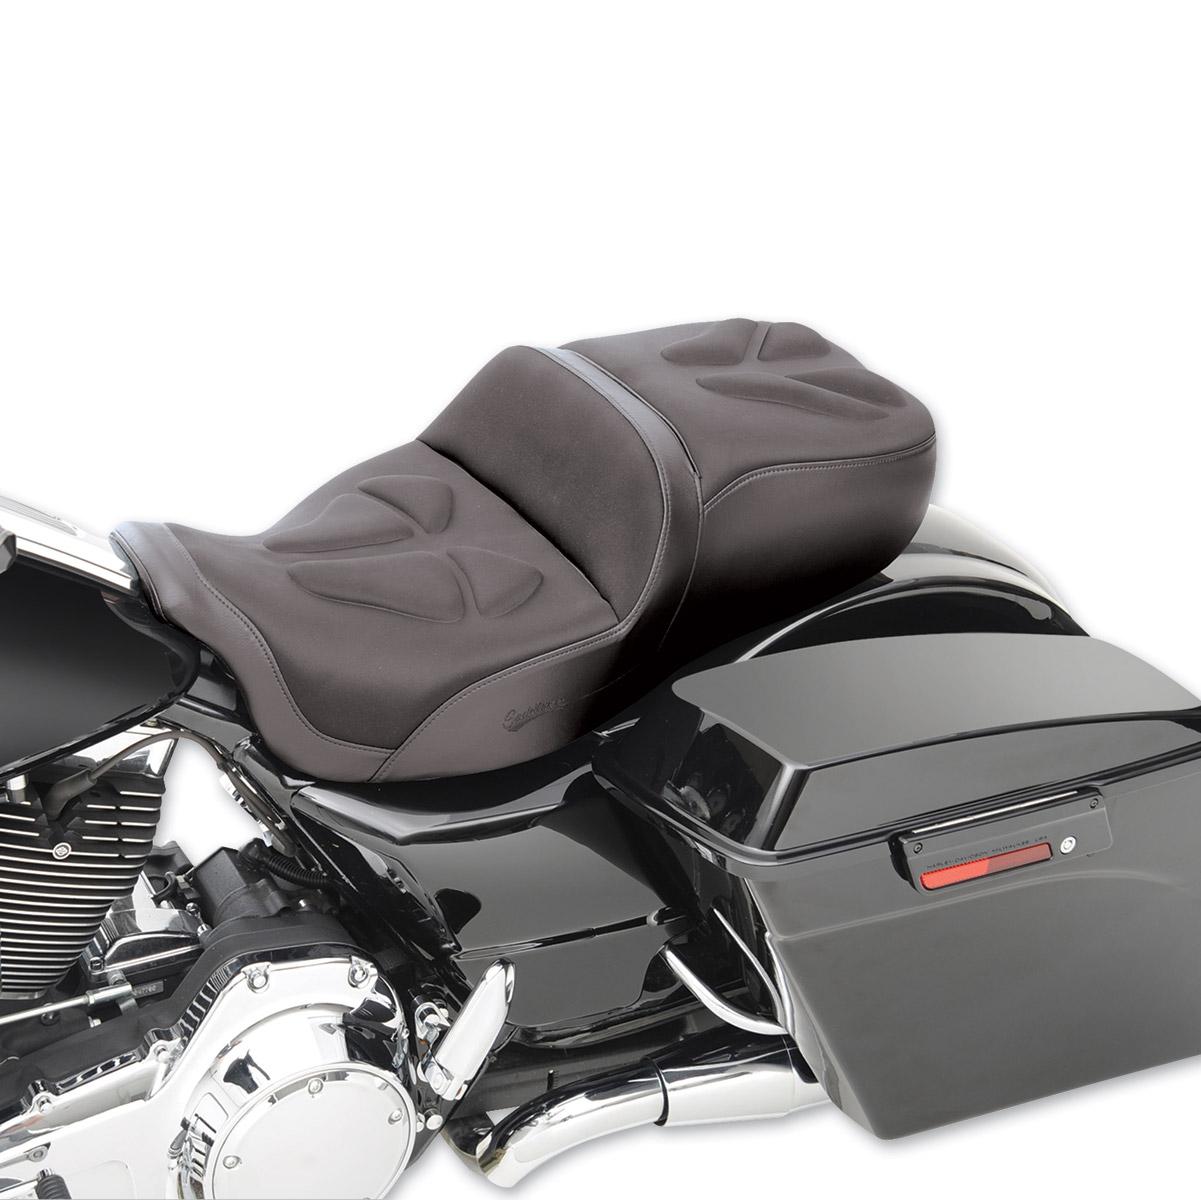 Saddlemen Explorer G-Tech Seat